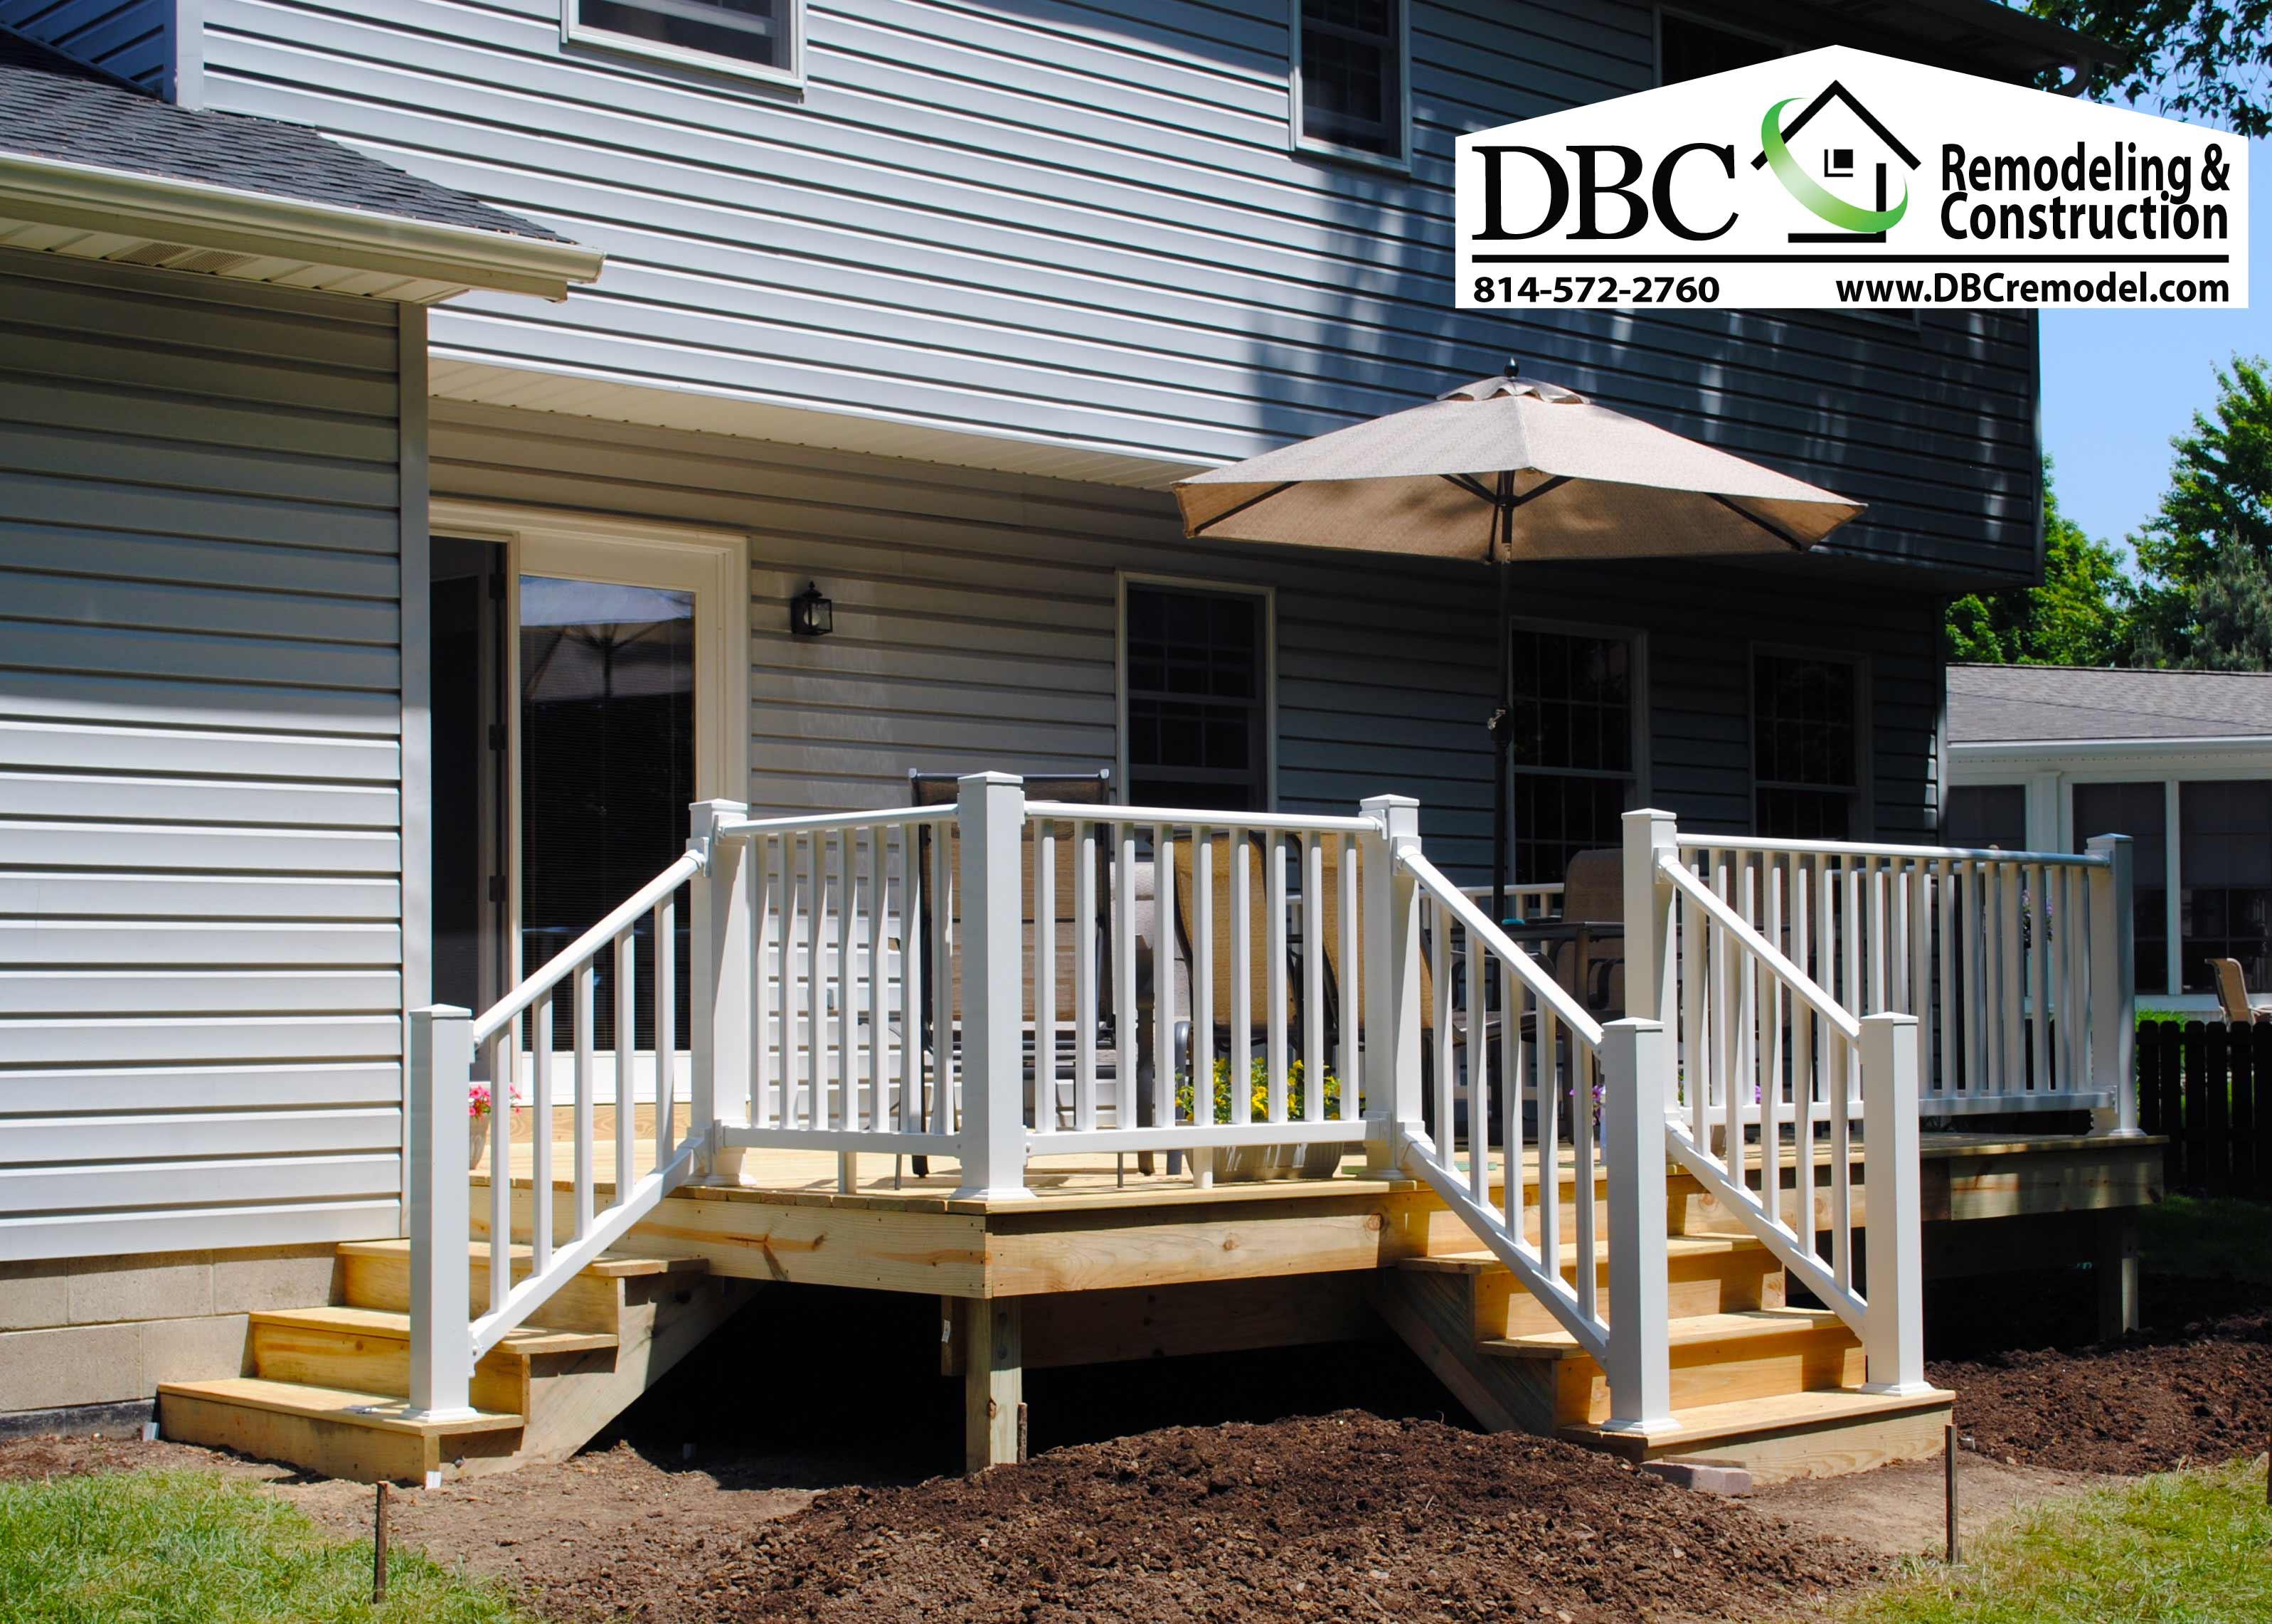 dbc-2012-01-25